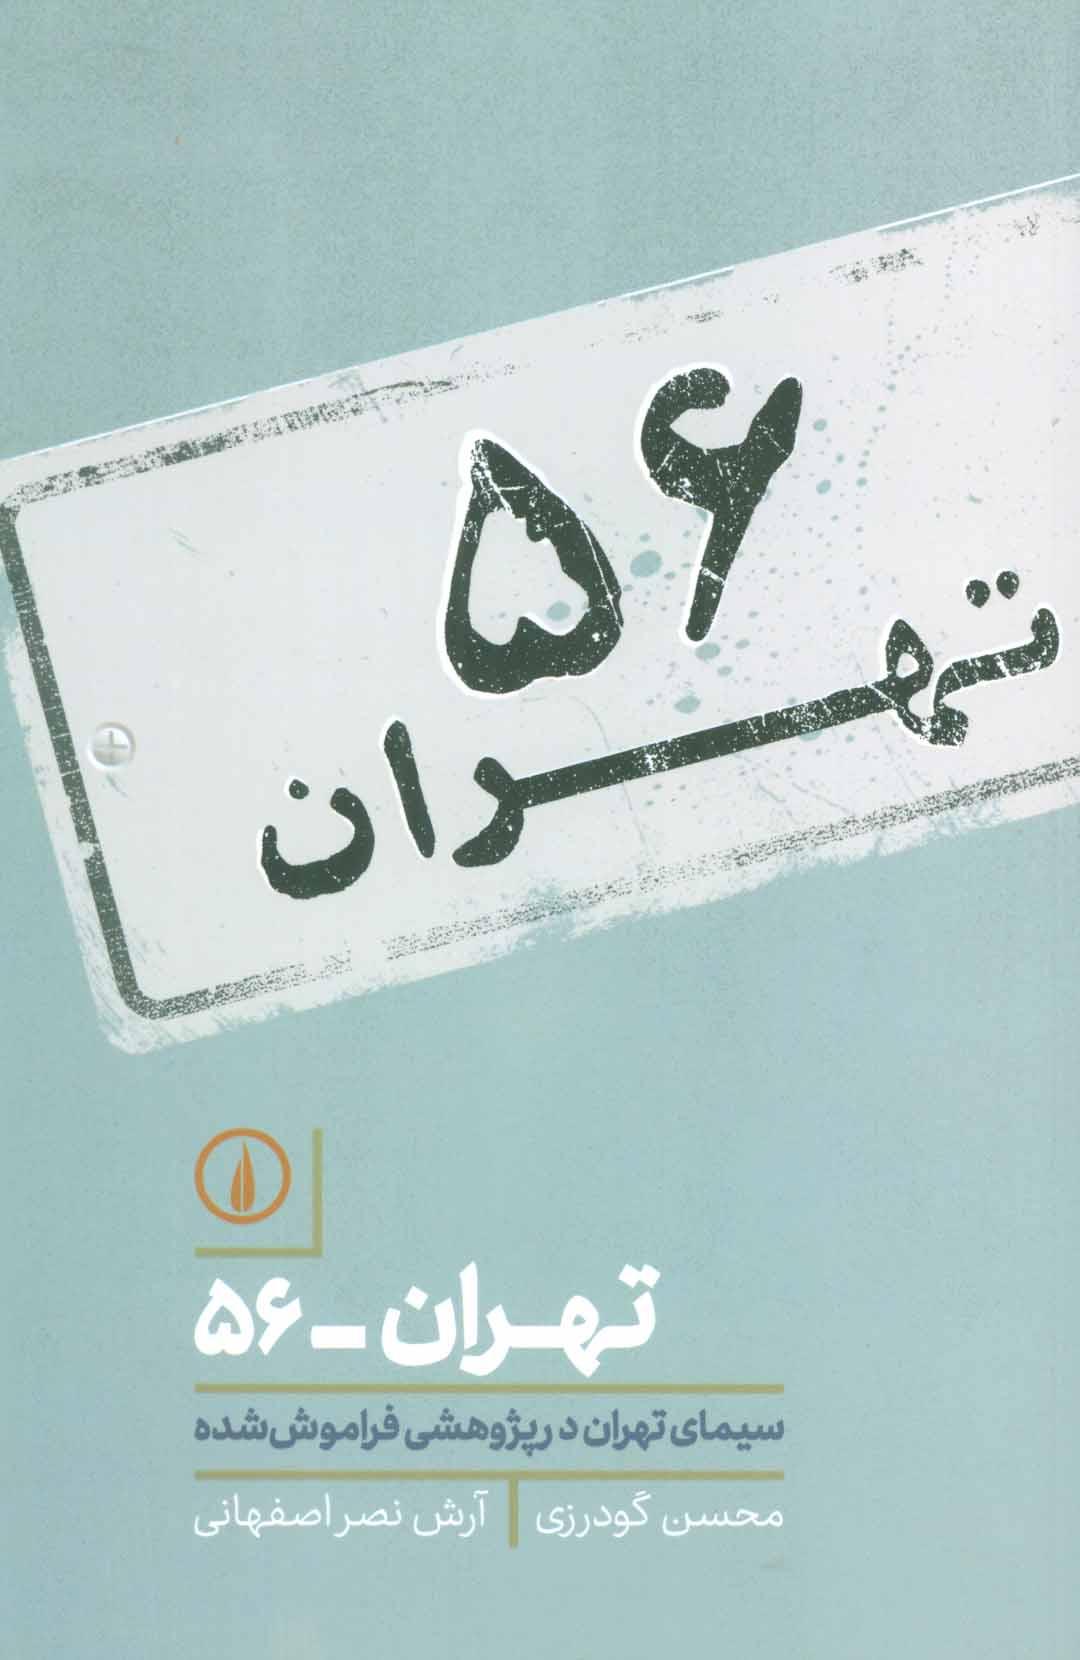 تهران-56 (سیمای تهران در پژوهشی فراموش شده)